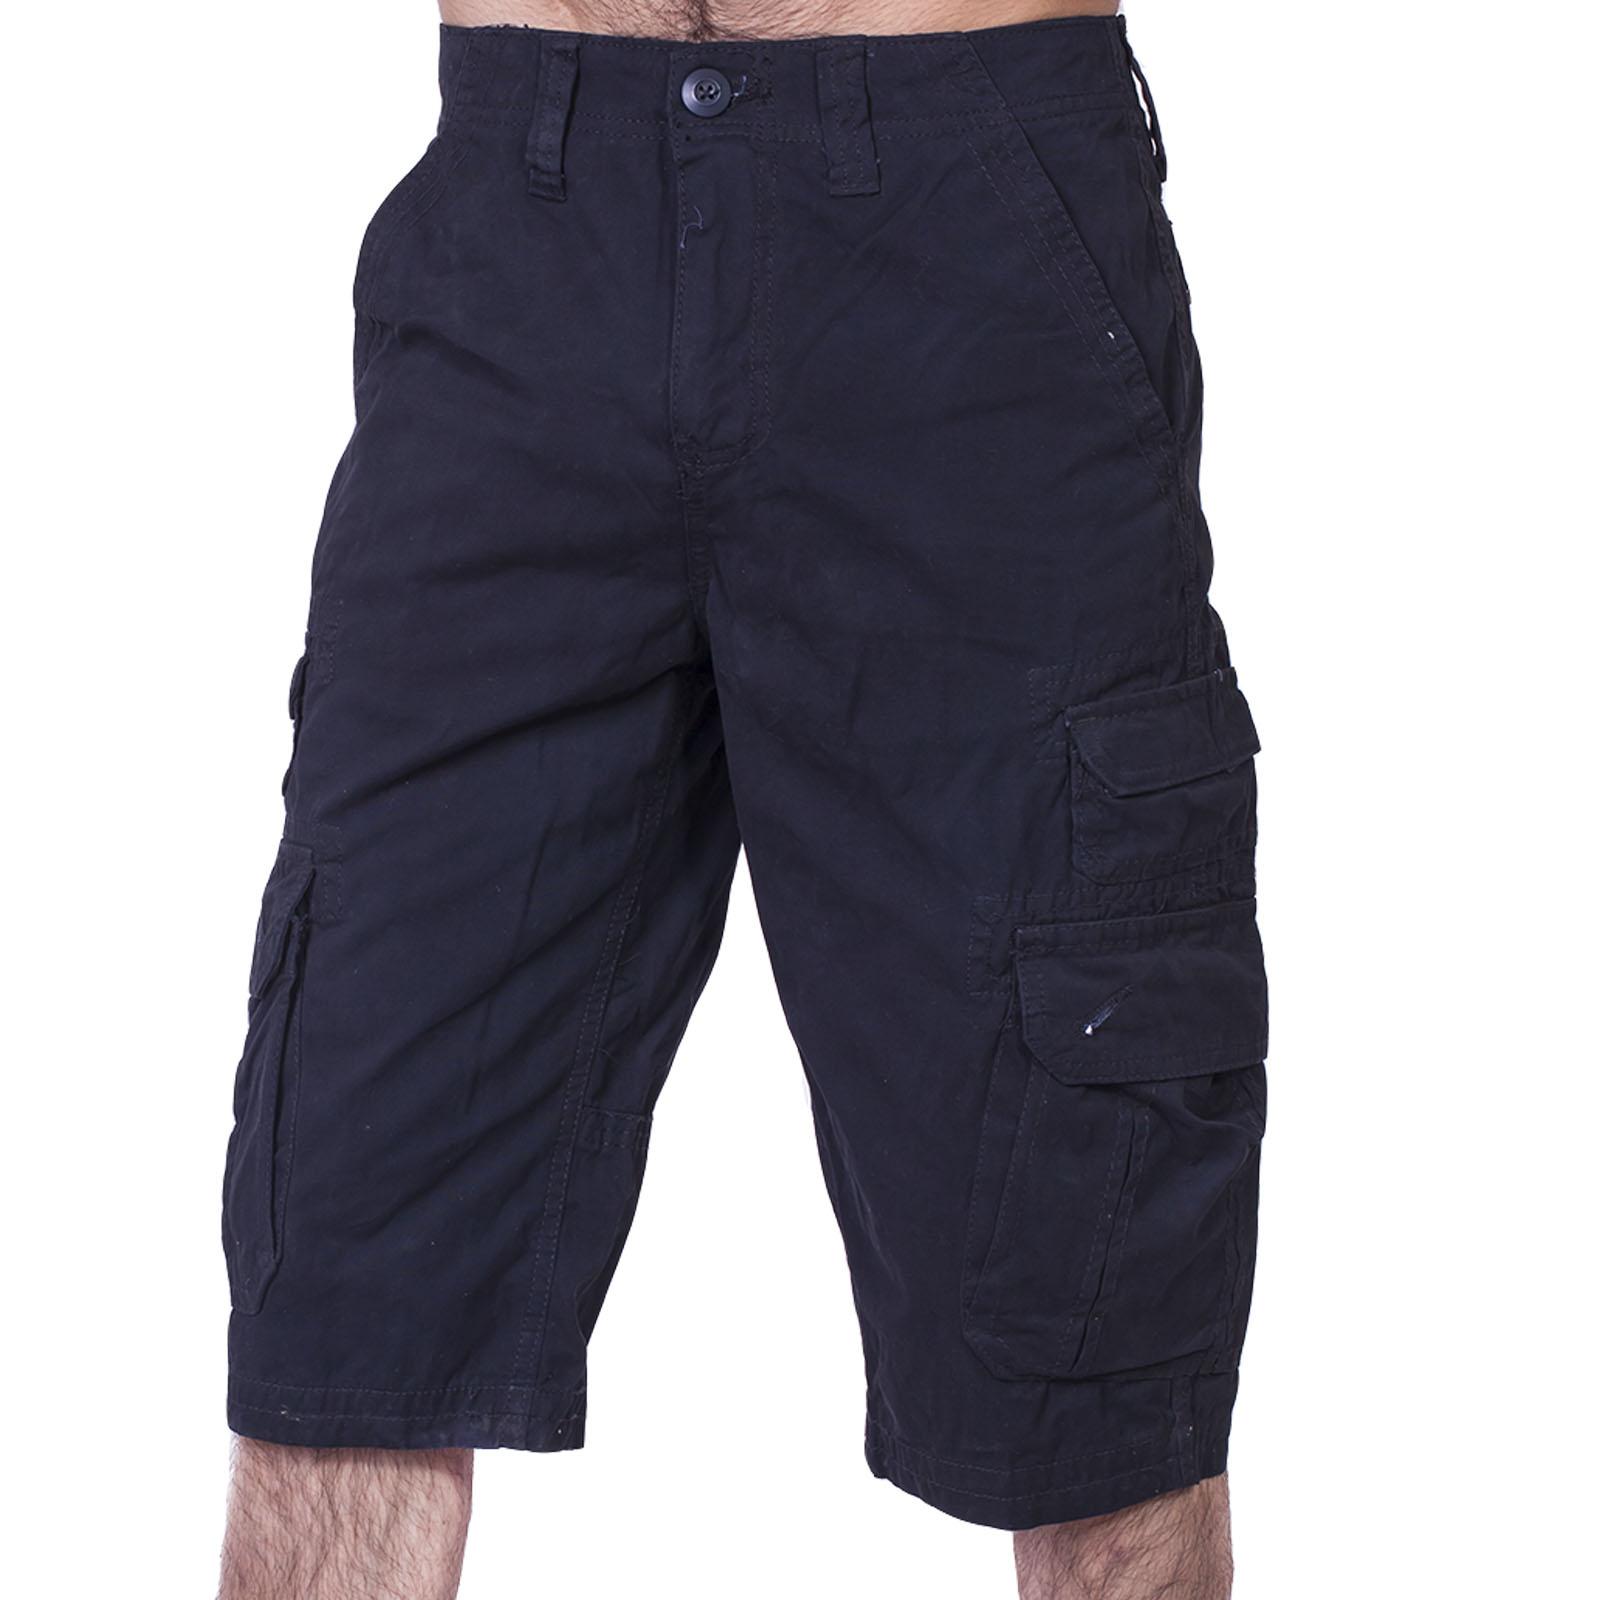 Удлиненные мужские шорты Urban Pipeline.